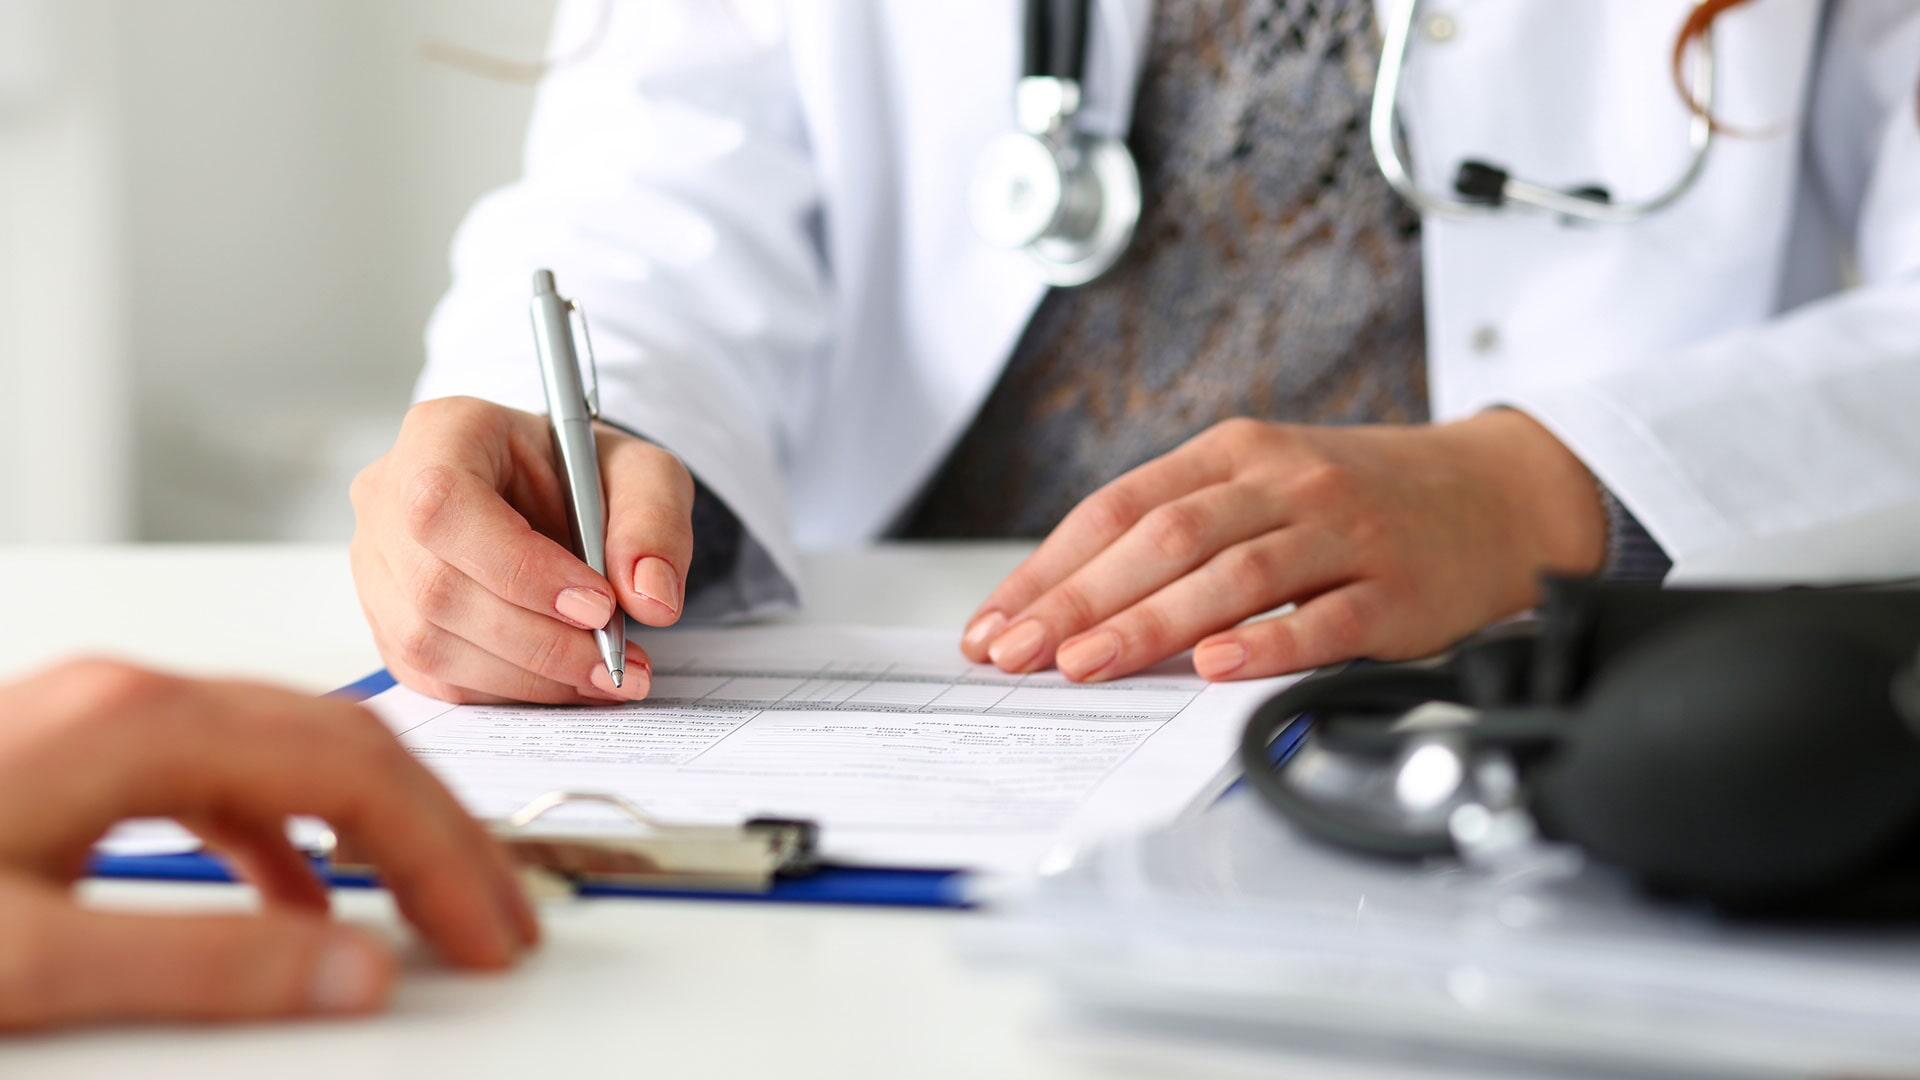 Afinal, o plano de saúde com coparticipação vale a pena?